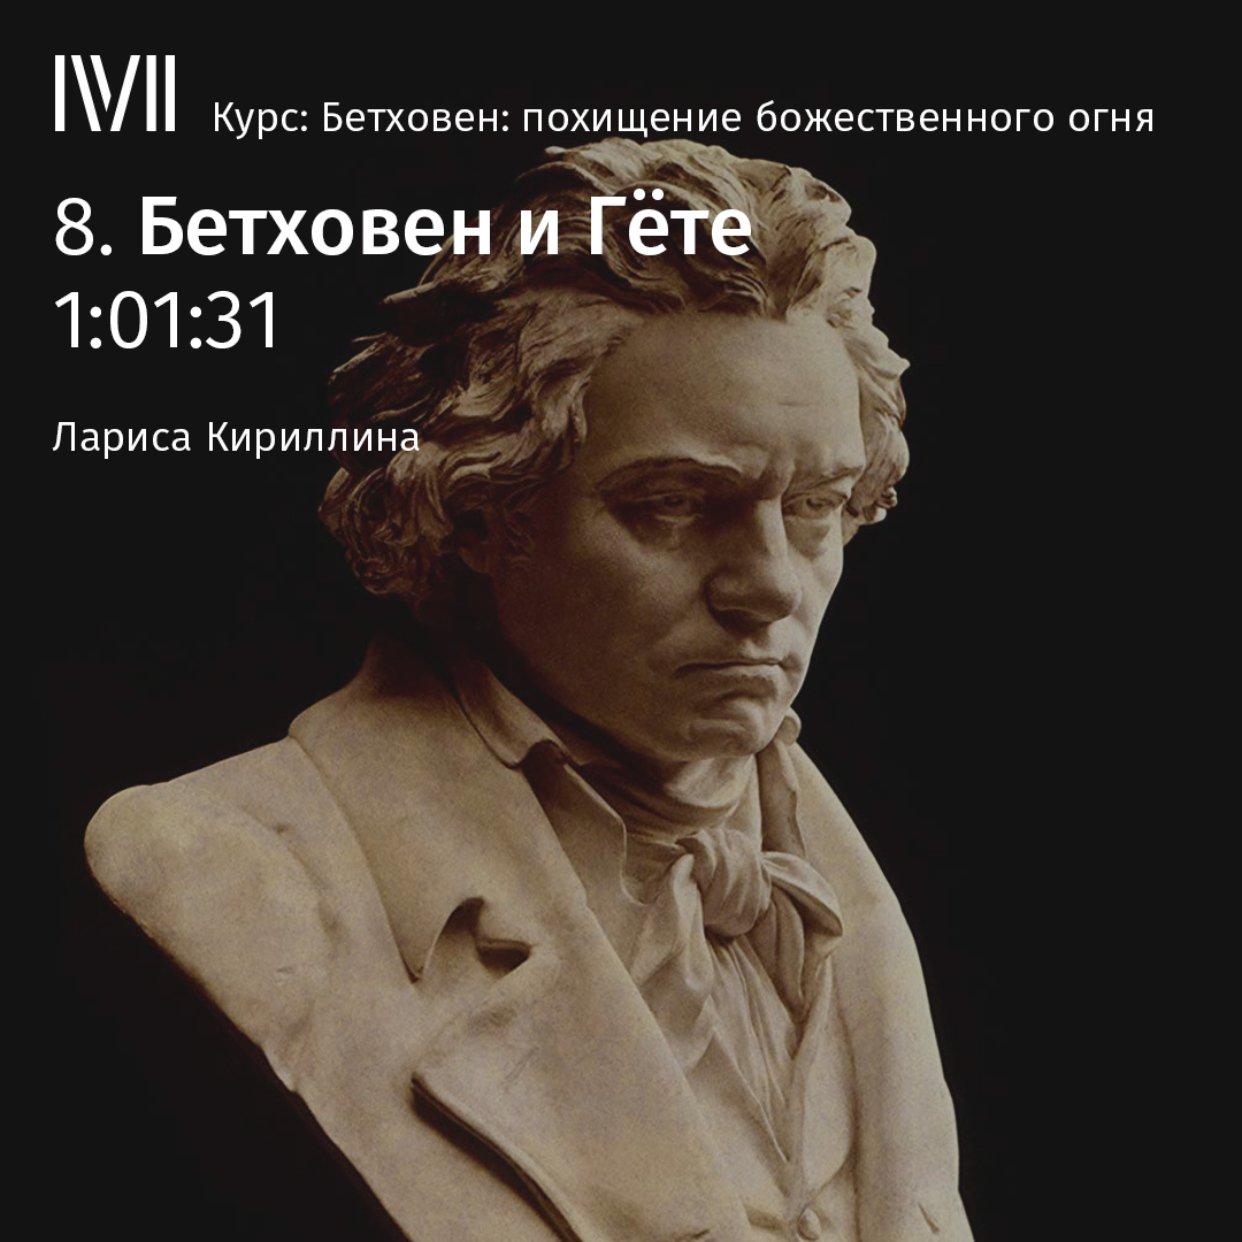 Бетховен и Гёте